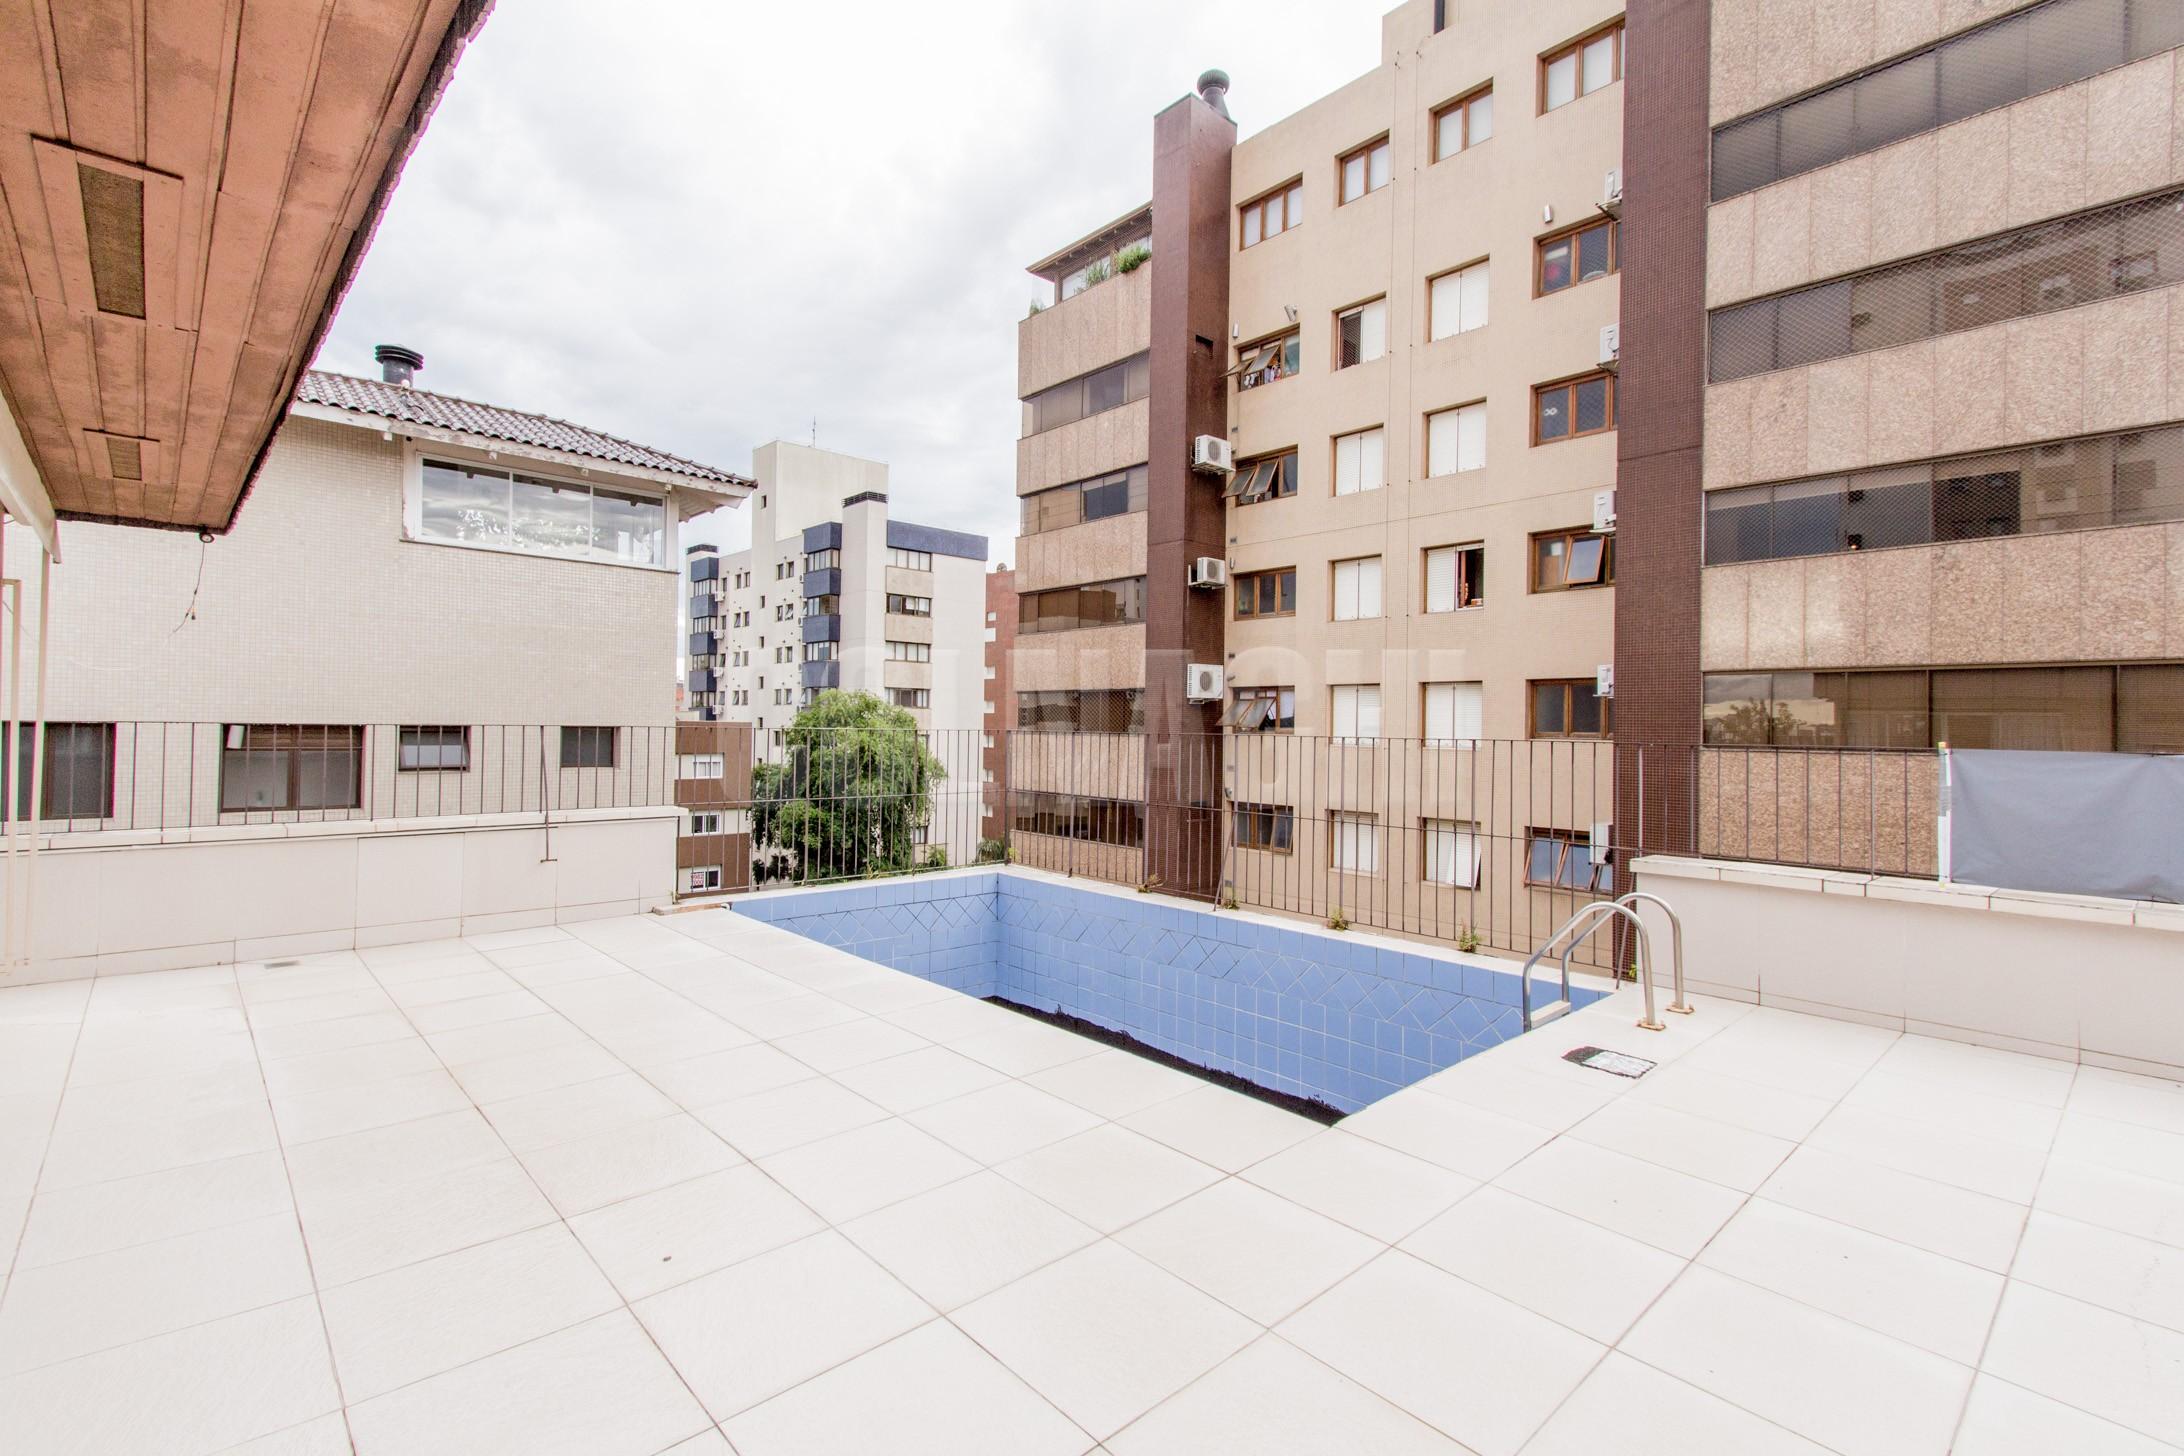 Colina dos Ventos - Cobertura 4 Dorm, Petropolis, Porto Alegre - Foto 27